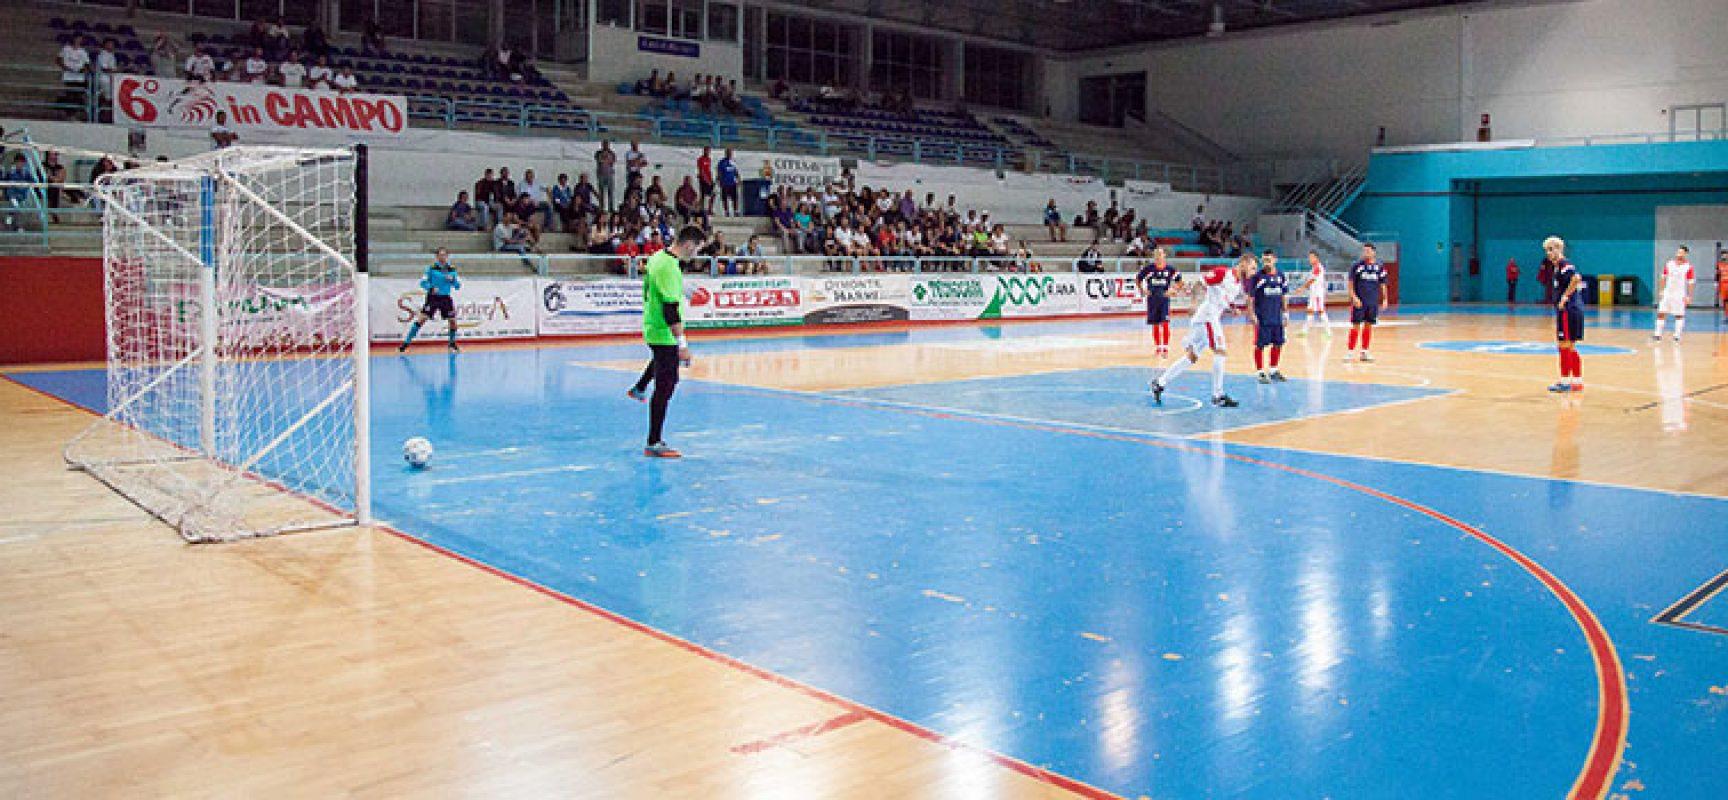 Oggi amichevole Futsal Bisceglie-Diaz, obiettivo mantenere la giusta condizione